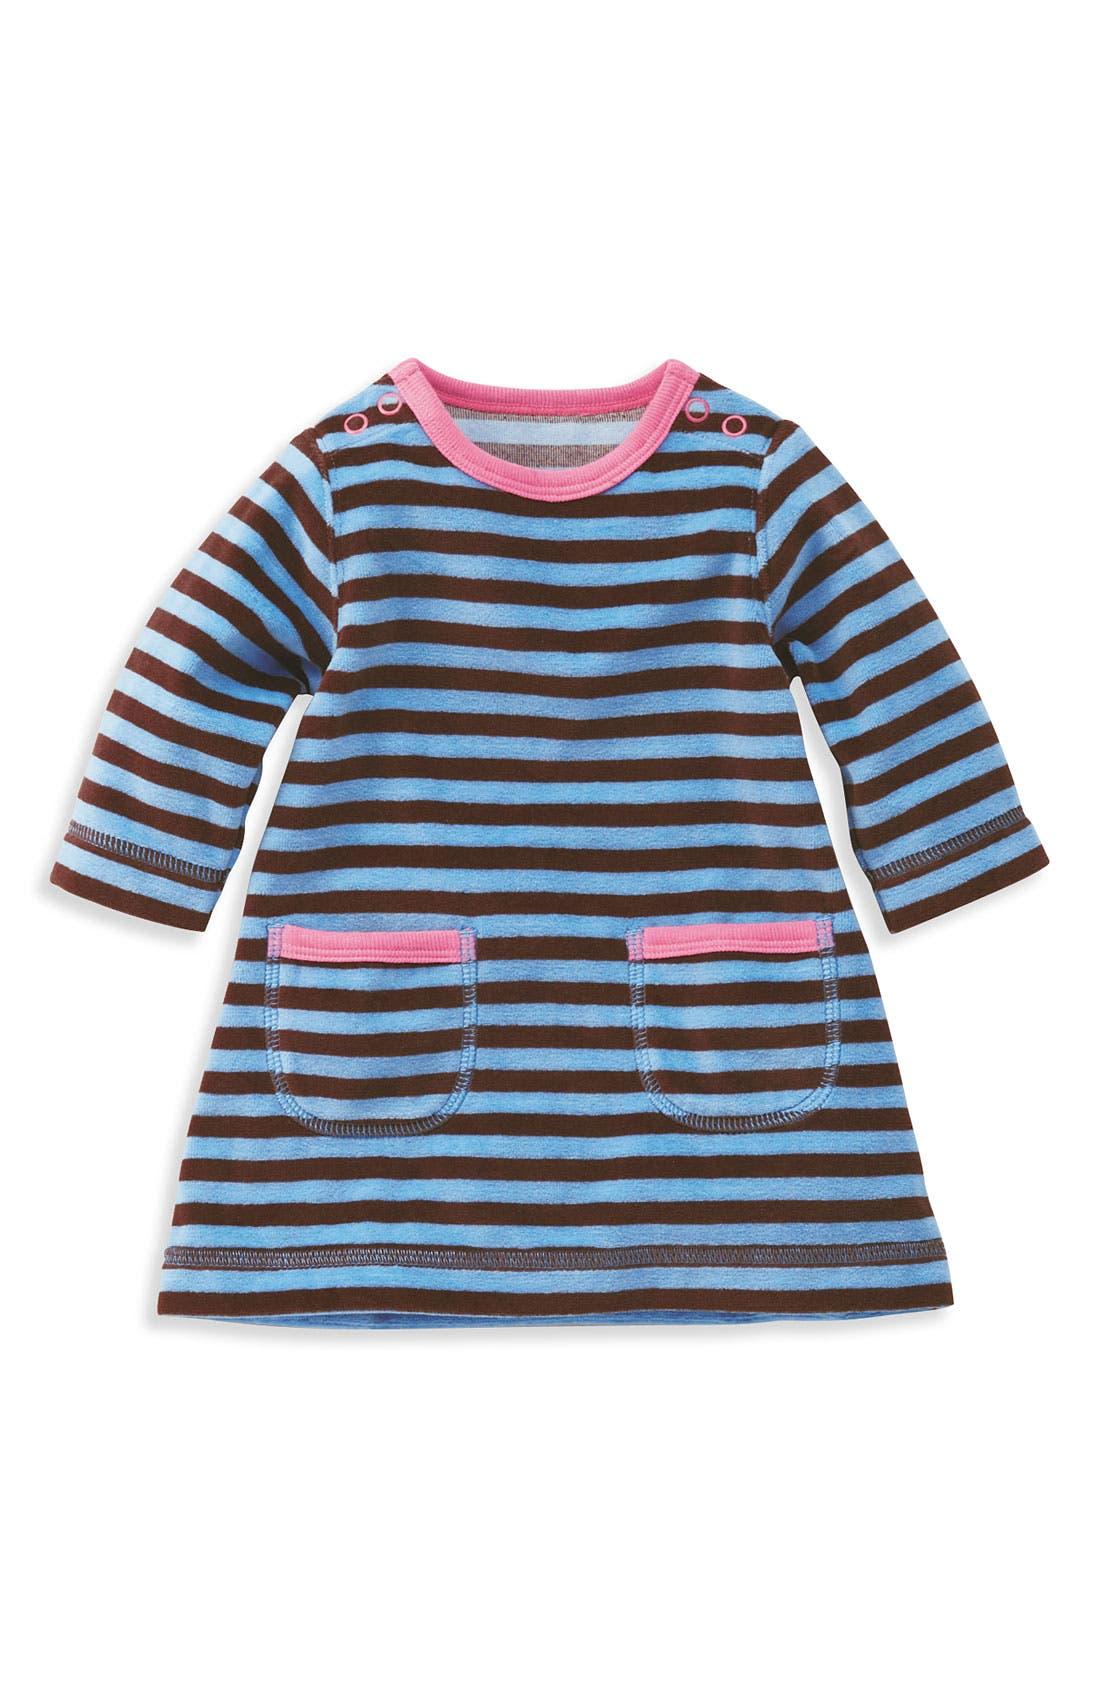 Main Image - Mini Boden Velour Dress (Infant)